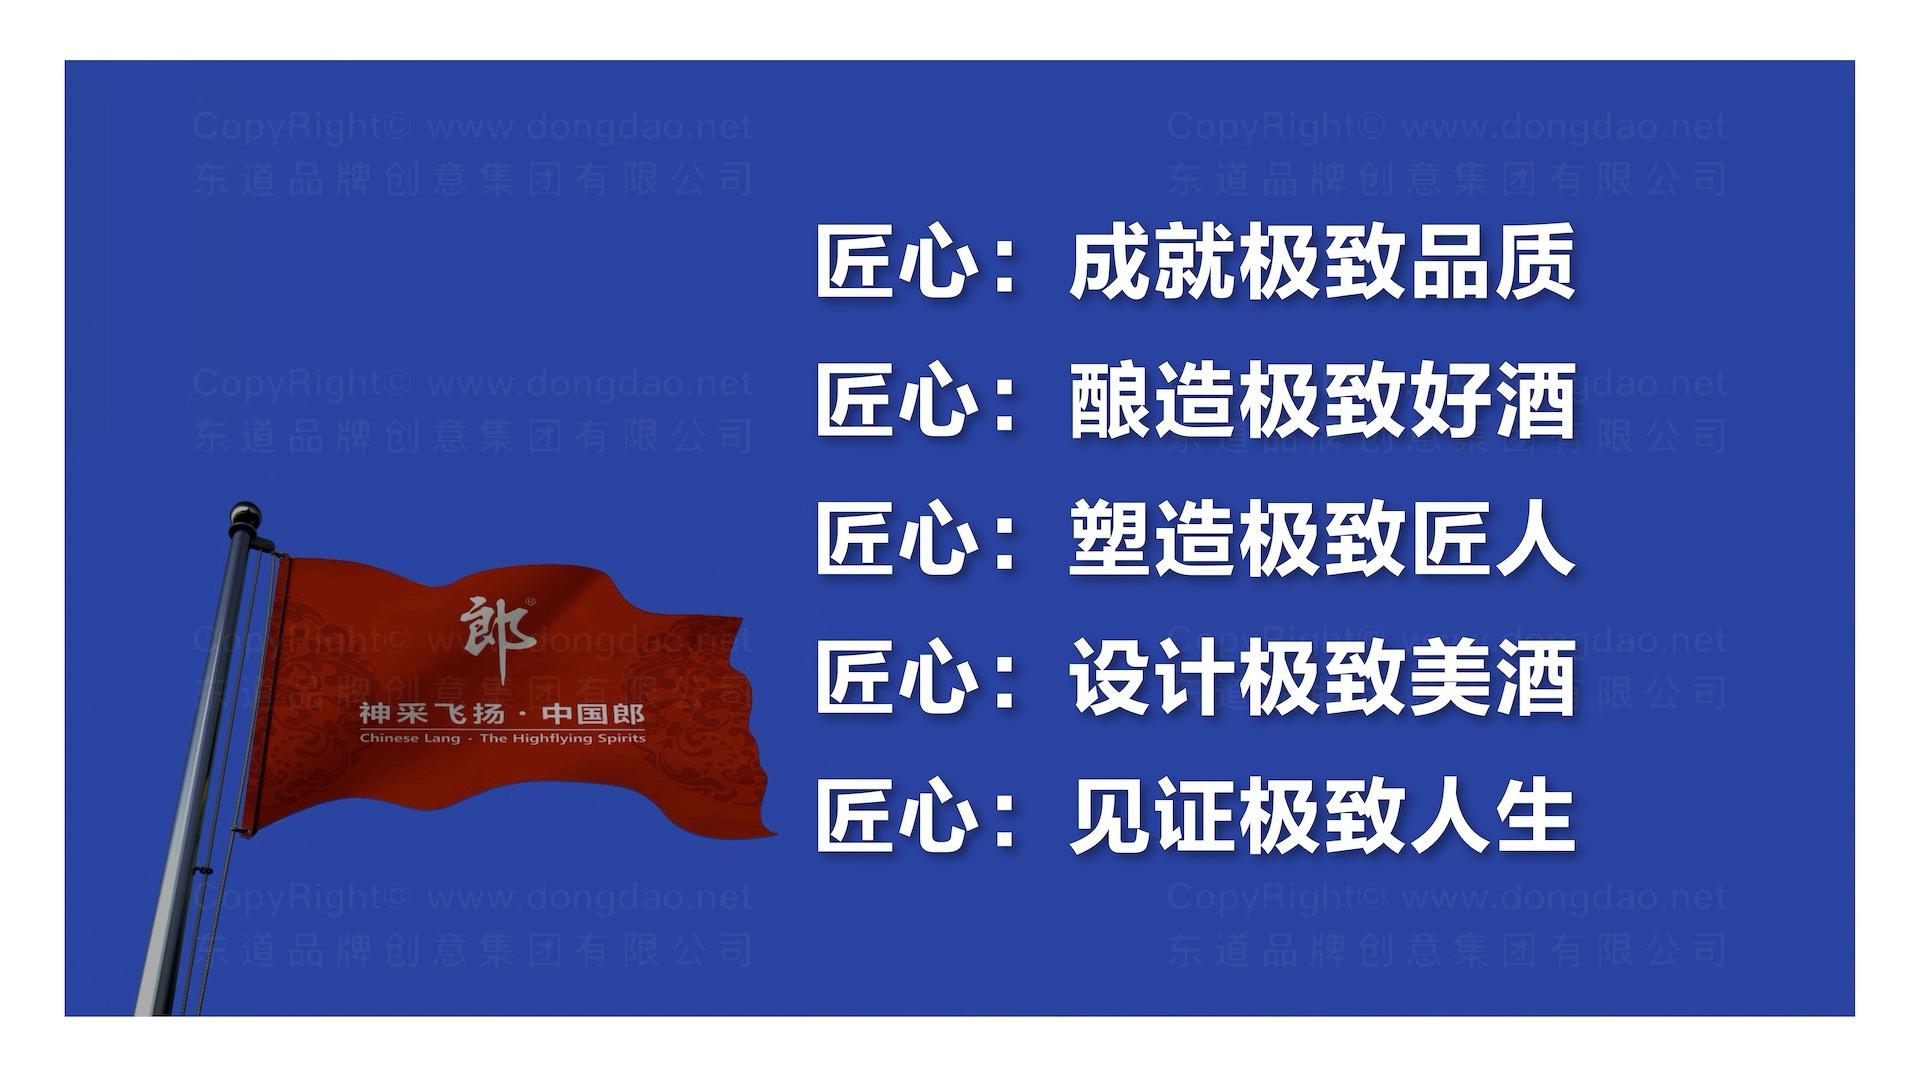 品牌战略&企业文化郎酒企业文化体系方案应用场景_46